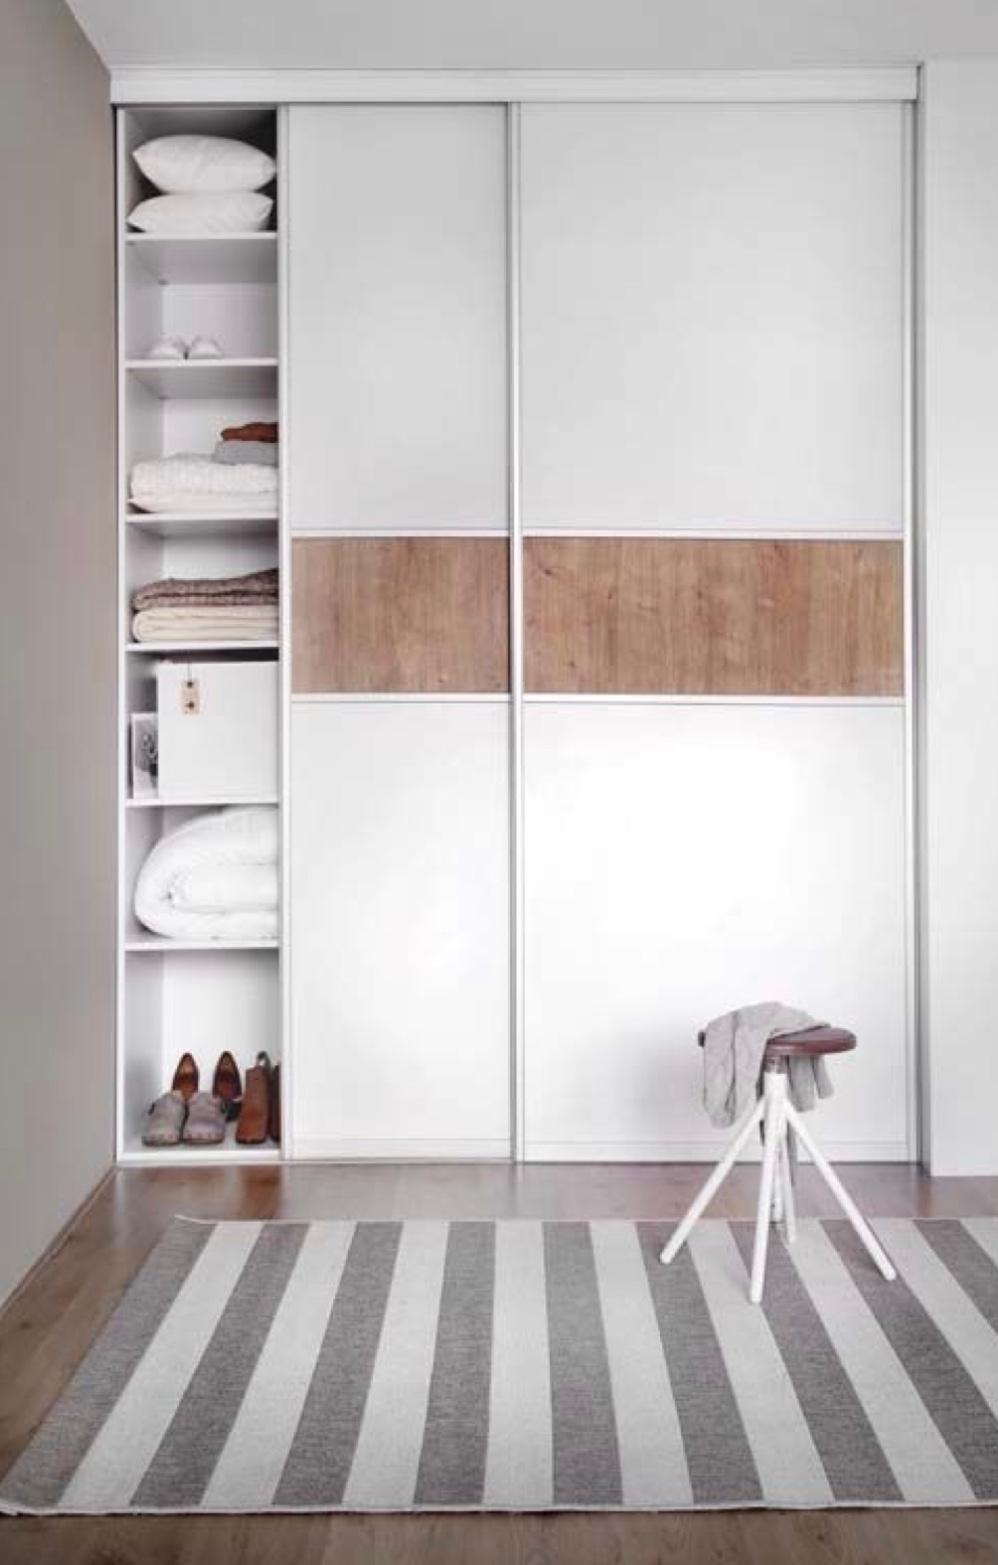 Vestavěná skříň z pohodlí domova? Použijte online plánovač